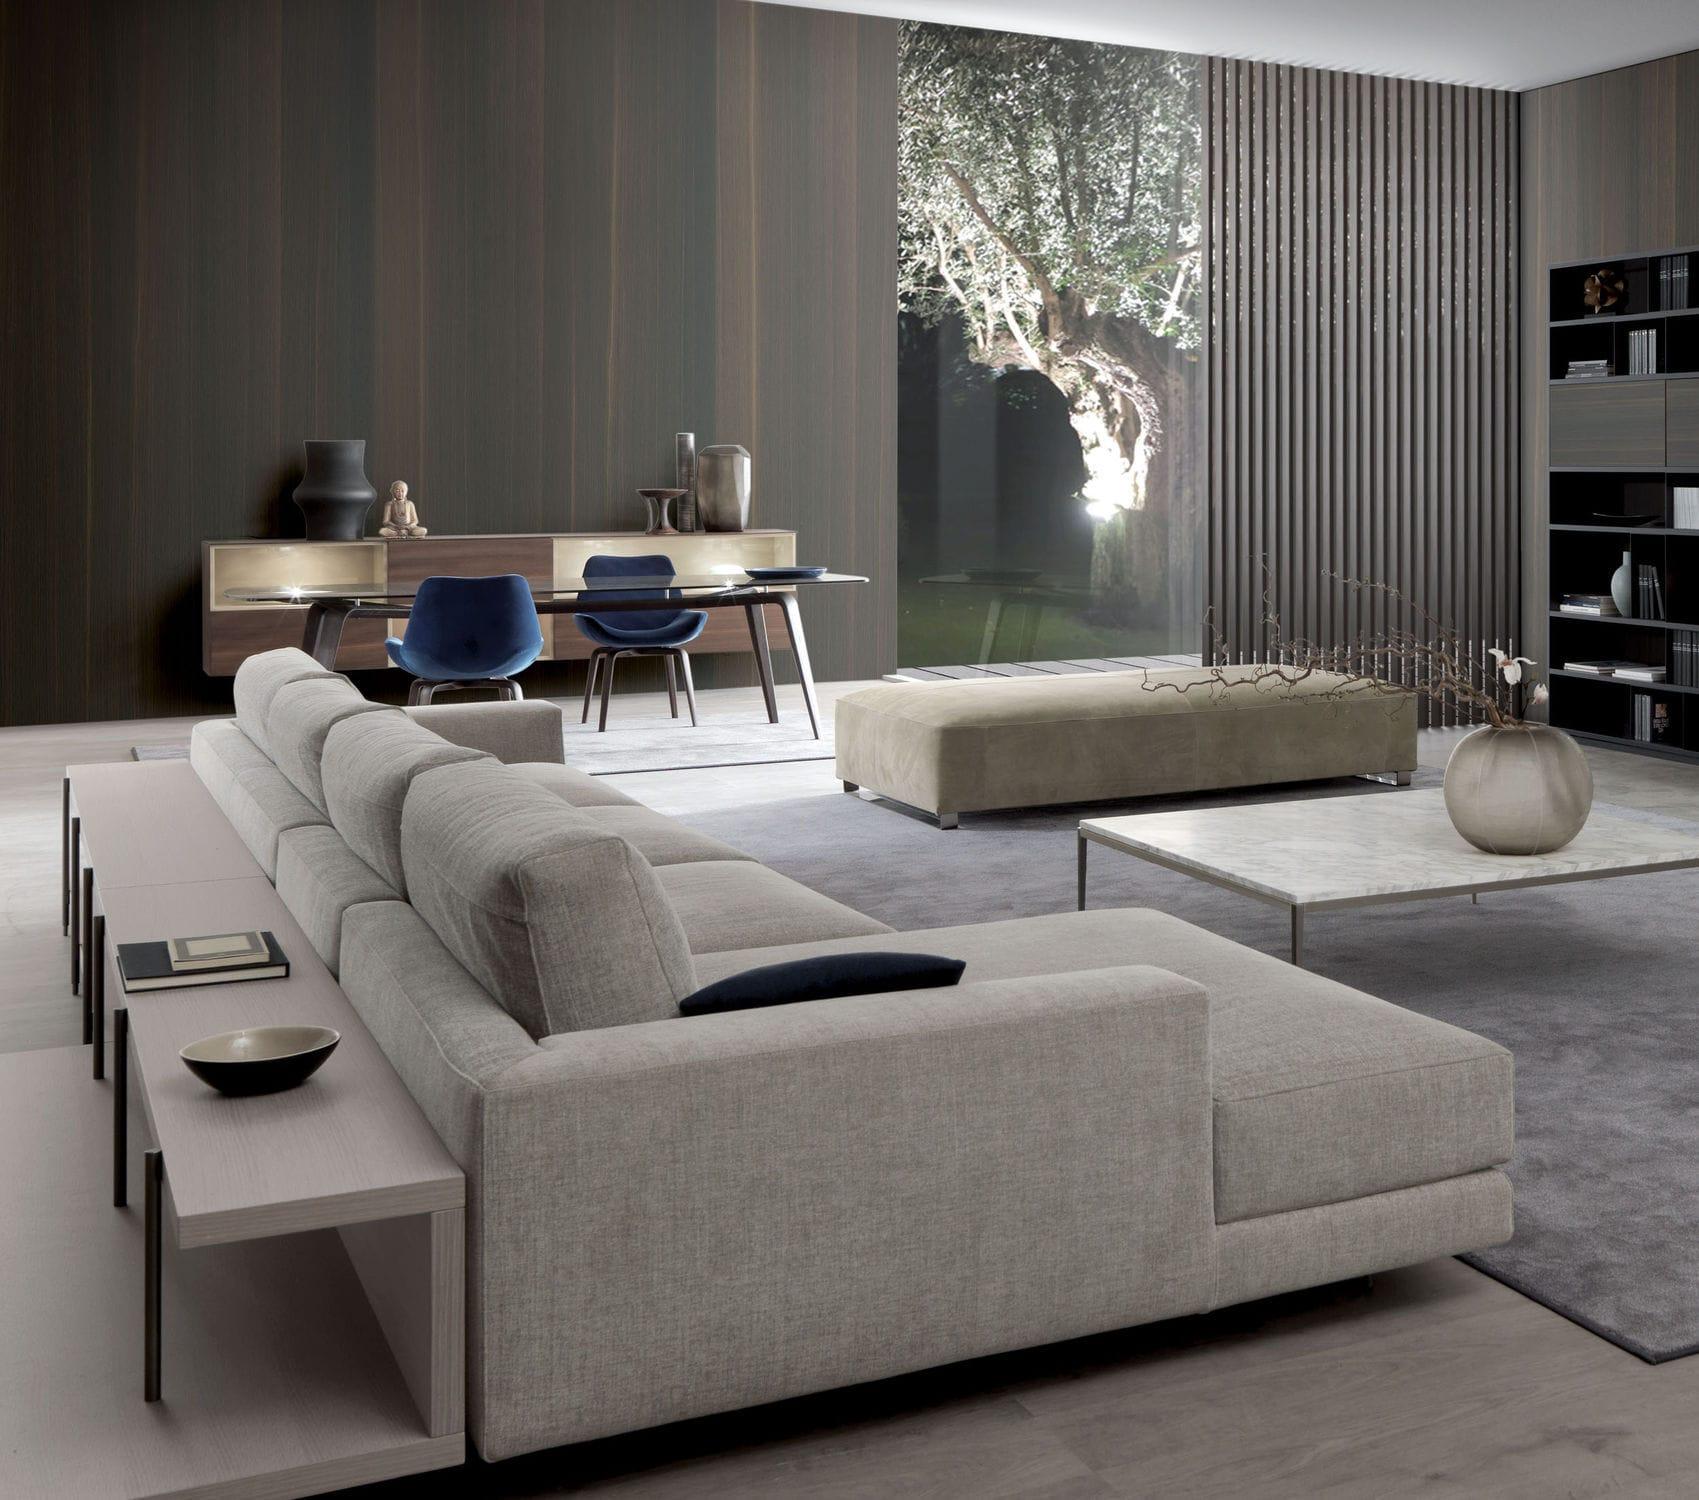 Sofa modern stoff  Modulierbares Sofa / modern / Stoff / von Mauro Lipparini - ARGO ...